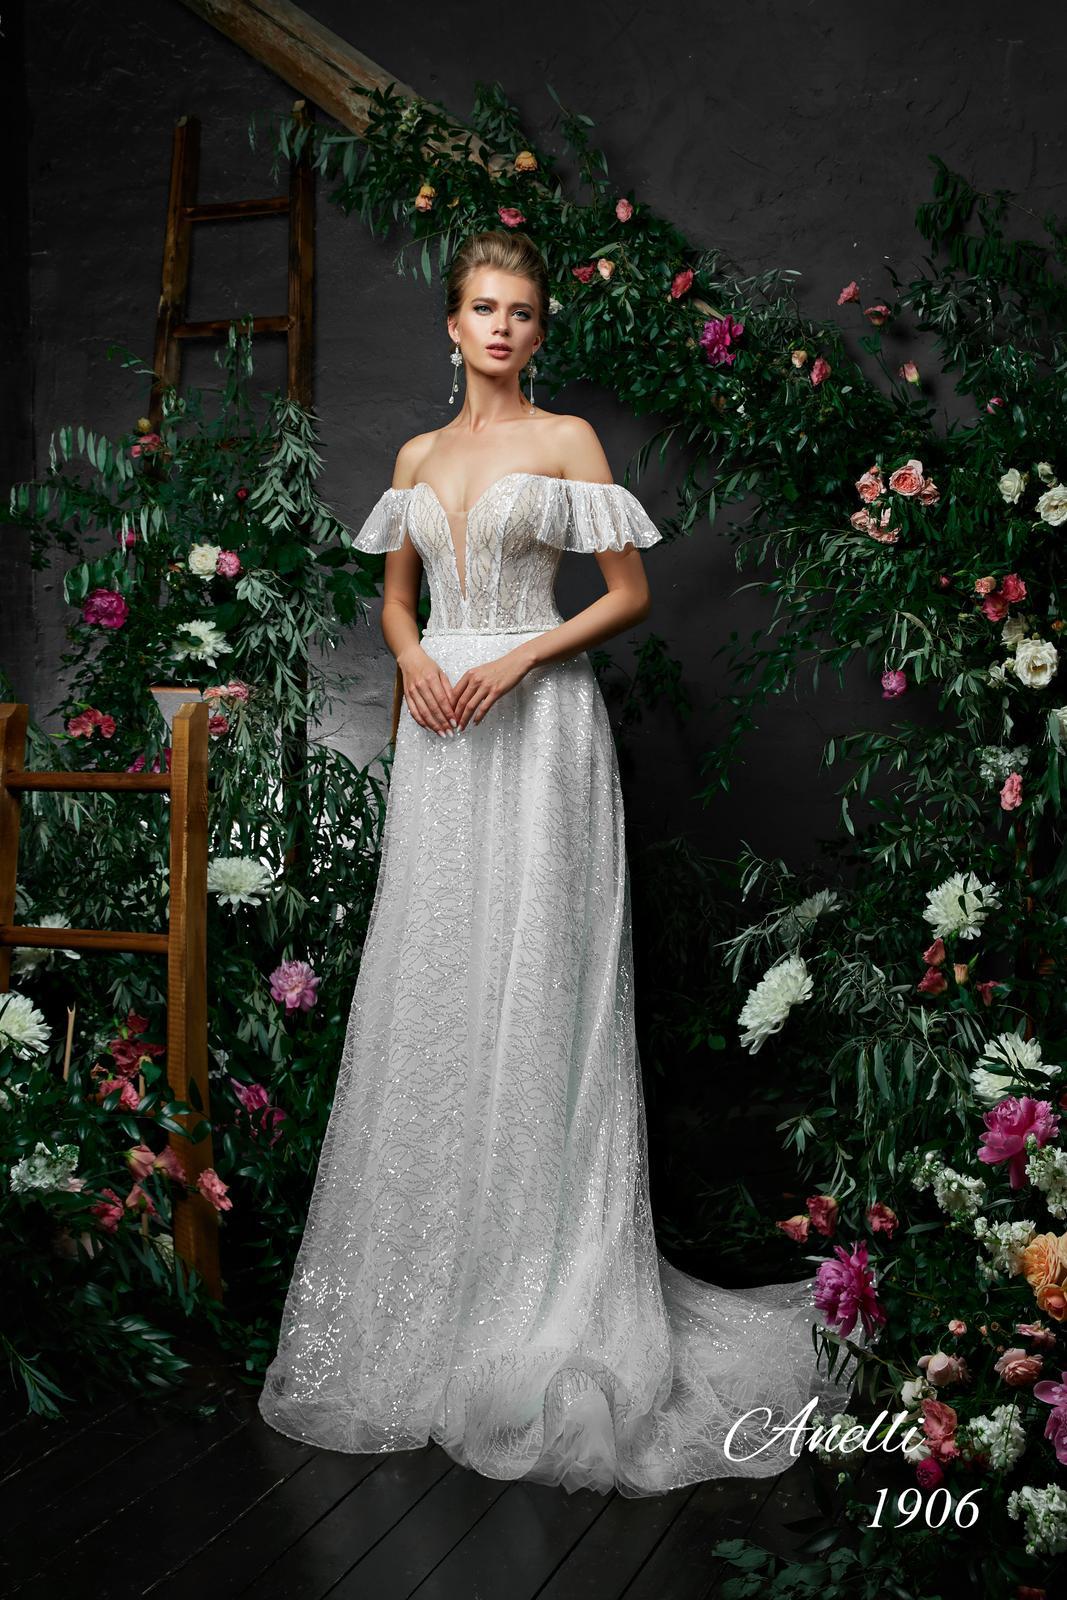 Svadobné šaty - Blossom 1906 - Obrázok č. 1